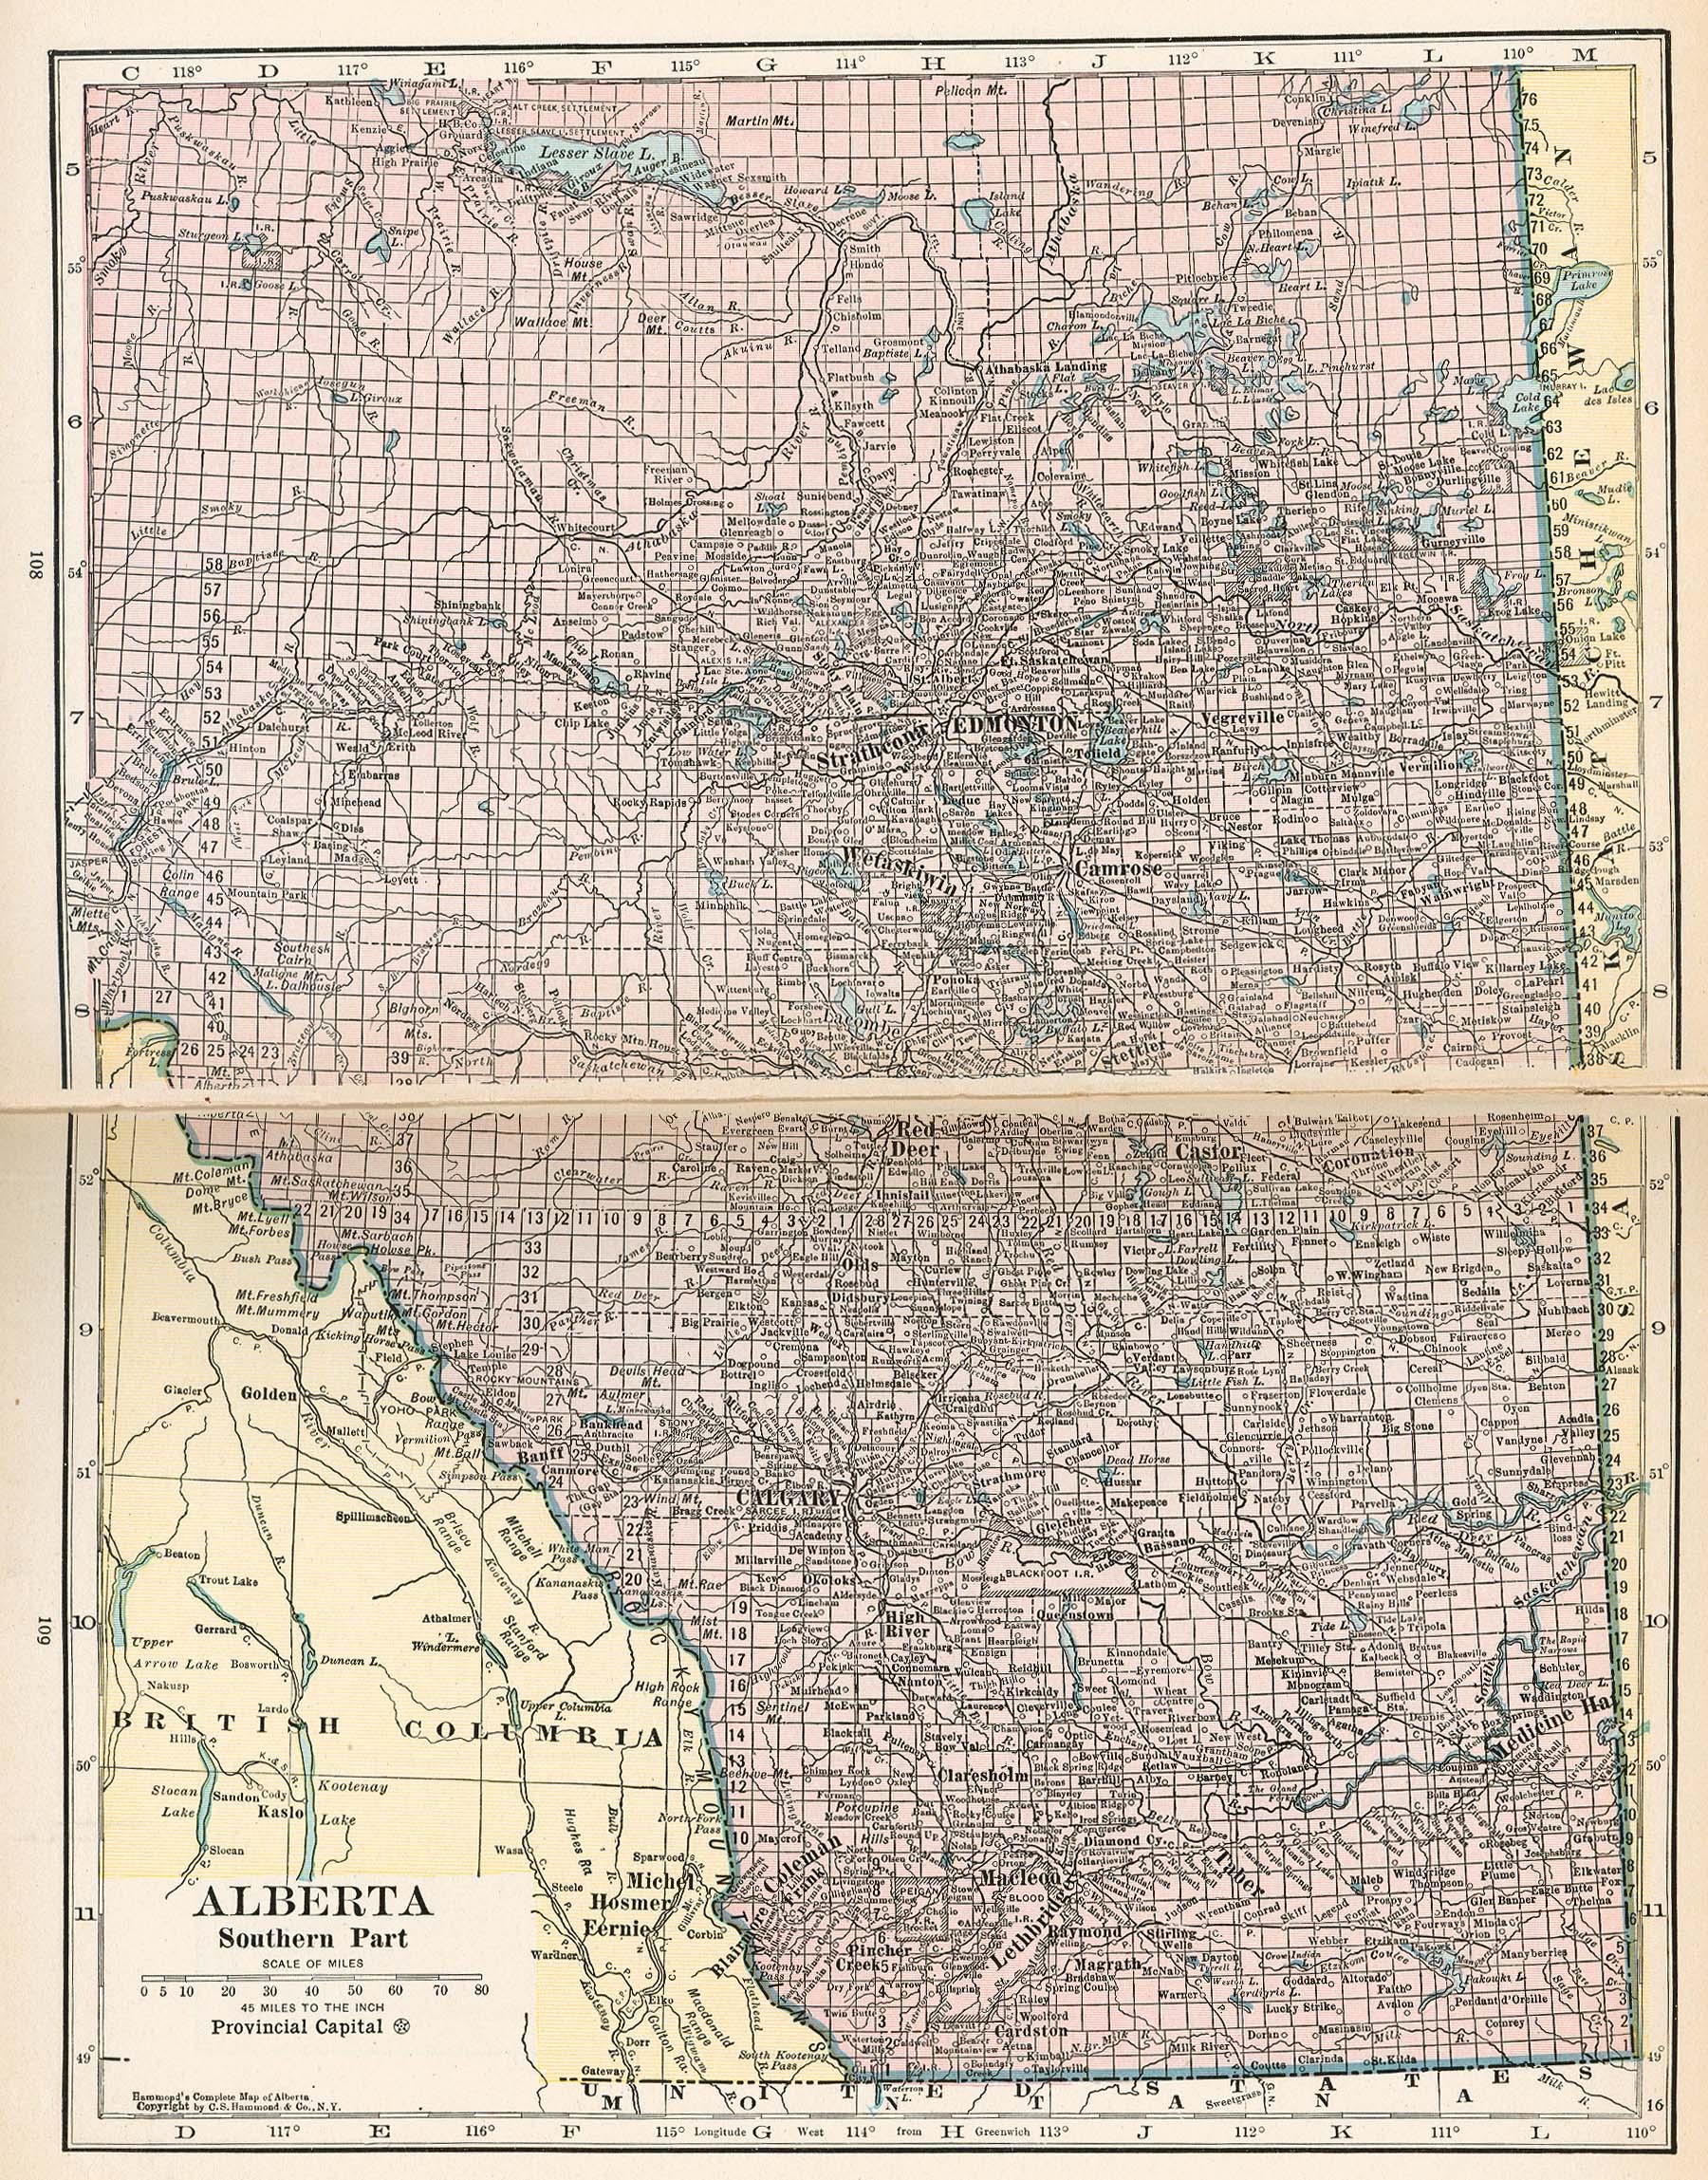 1921 map of Alberta